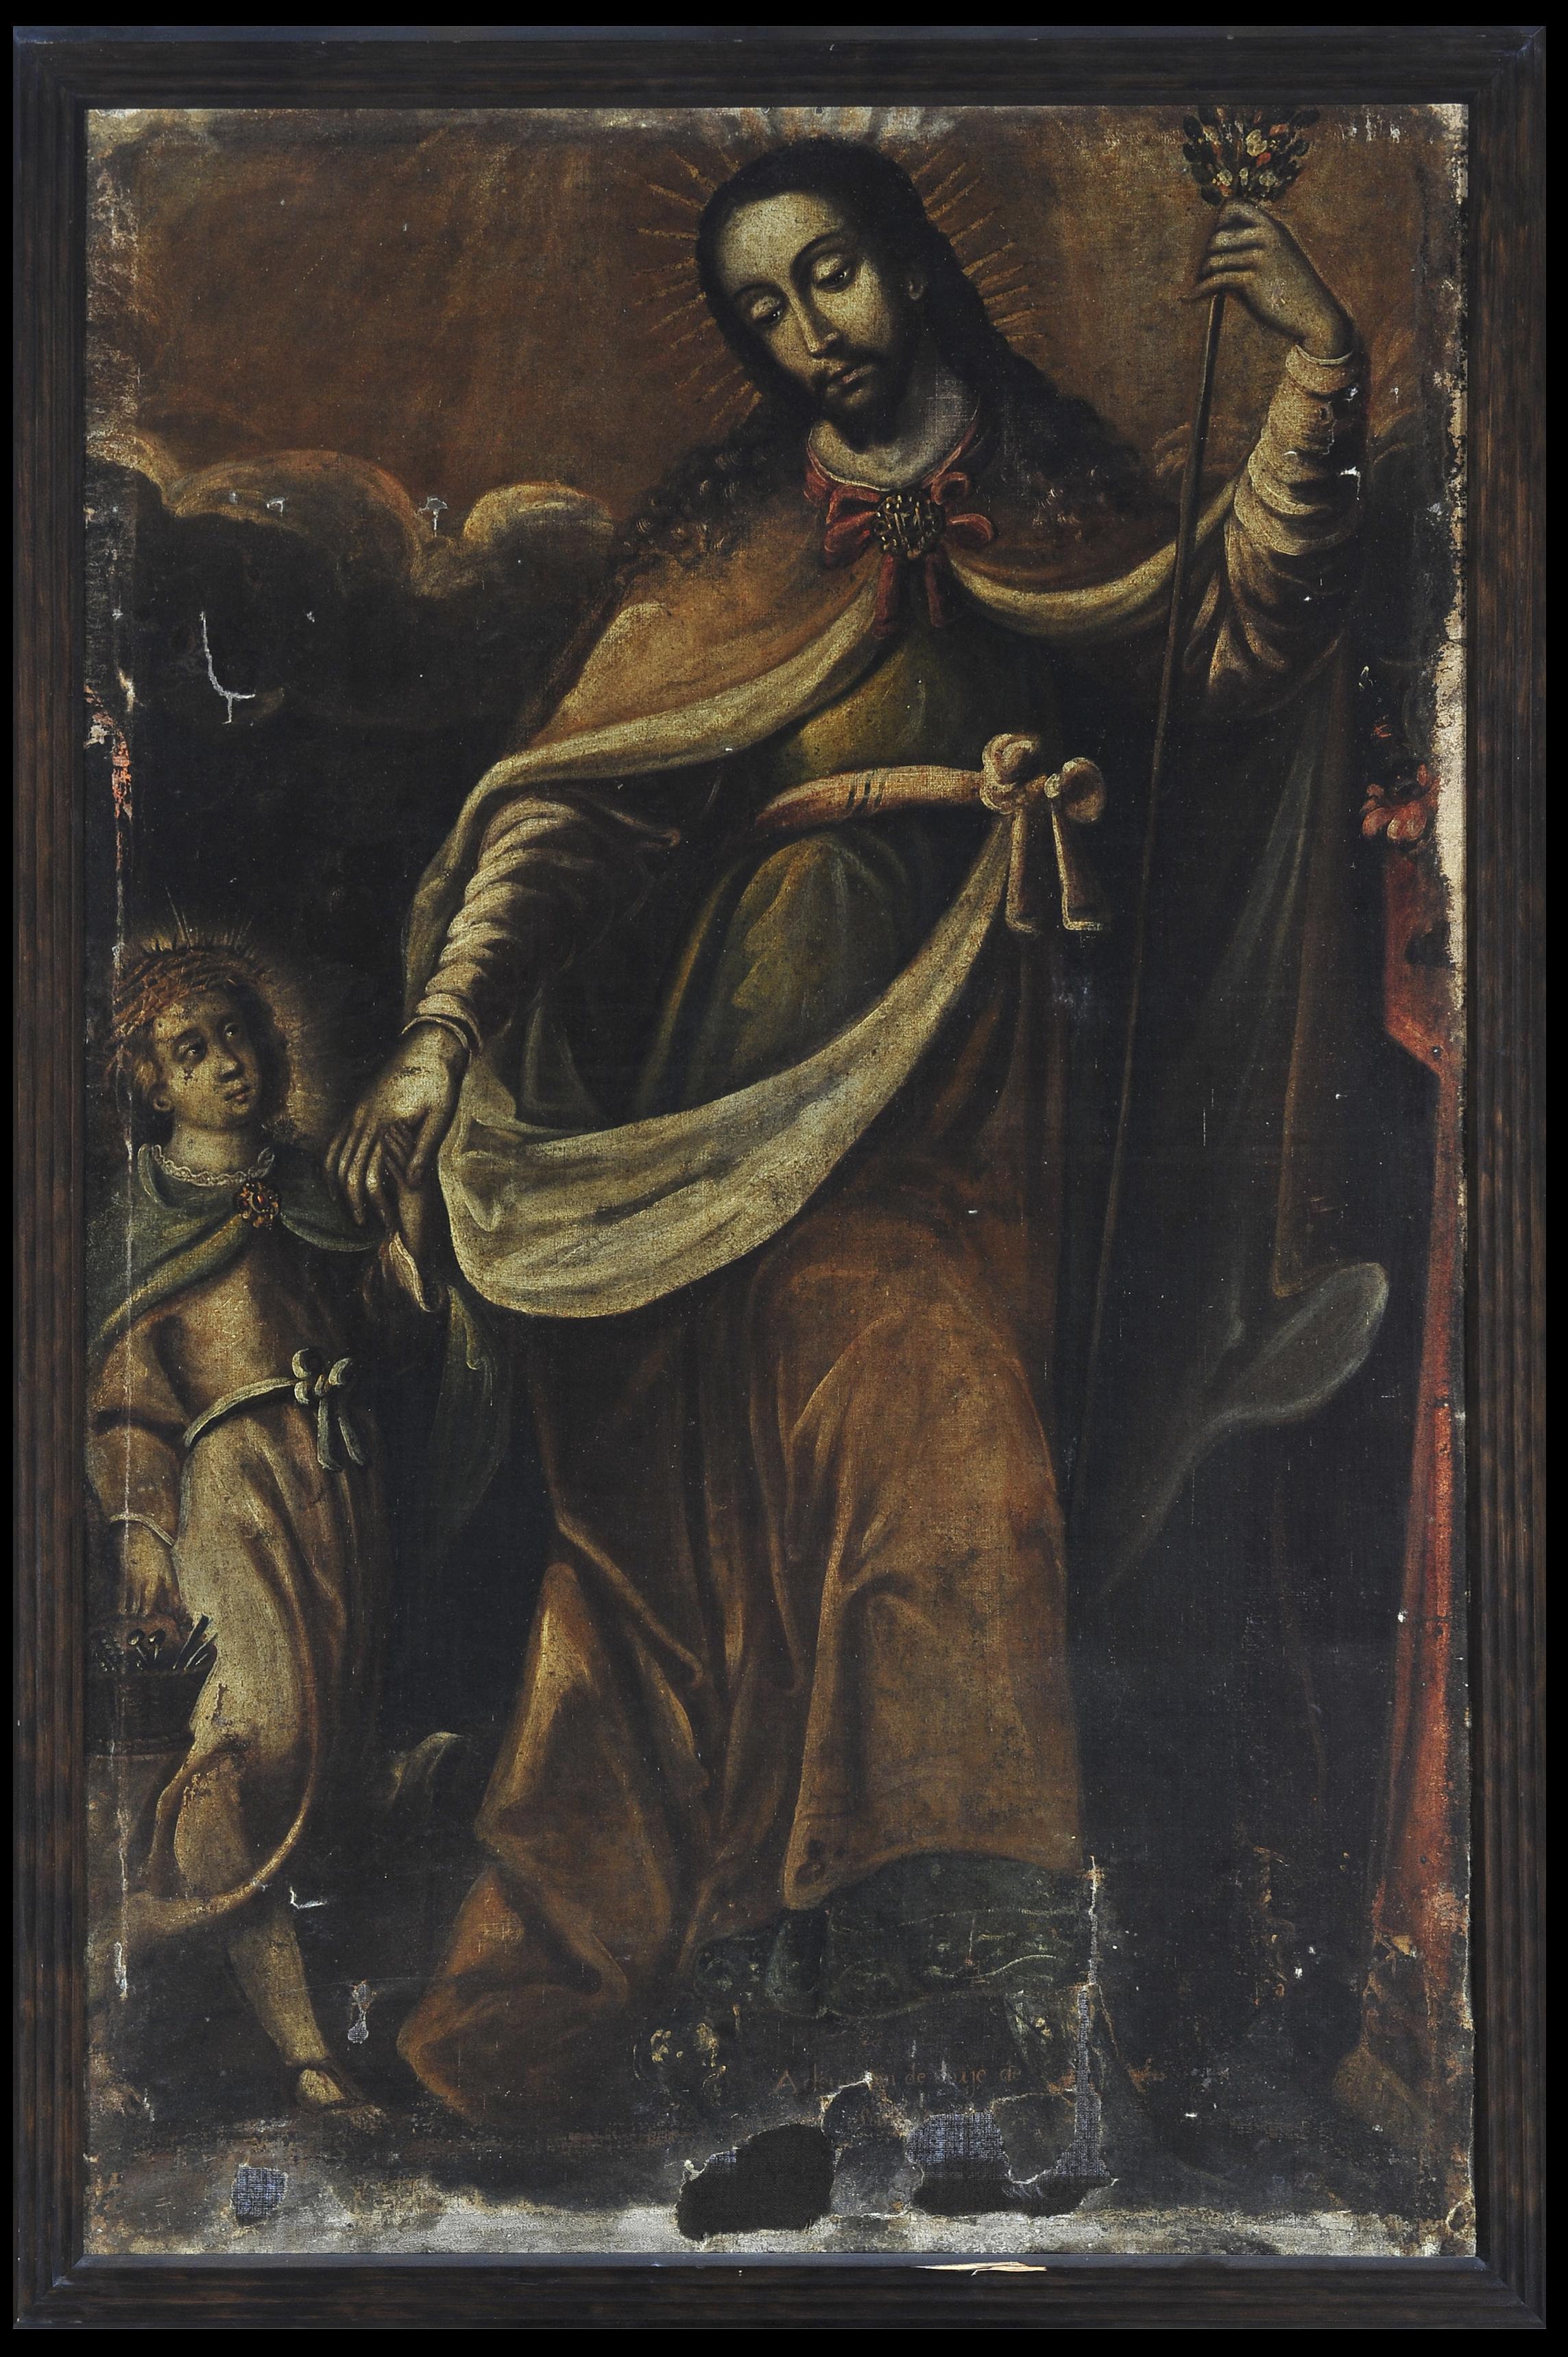 José con el Niño con símbolos pasionarios | Creación y restauración: lo singular y complejo del arte | Museo Amparo, Puebla